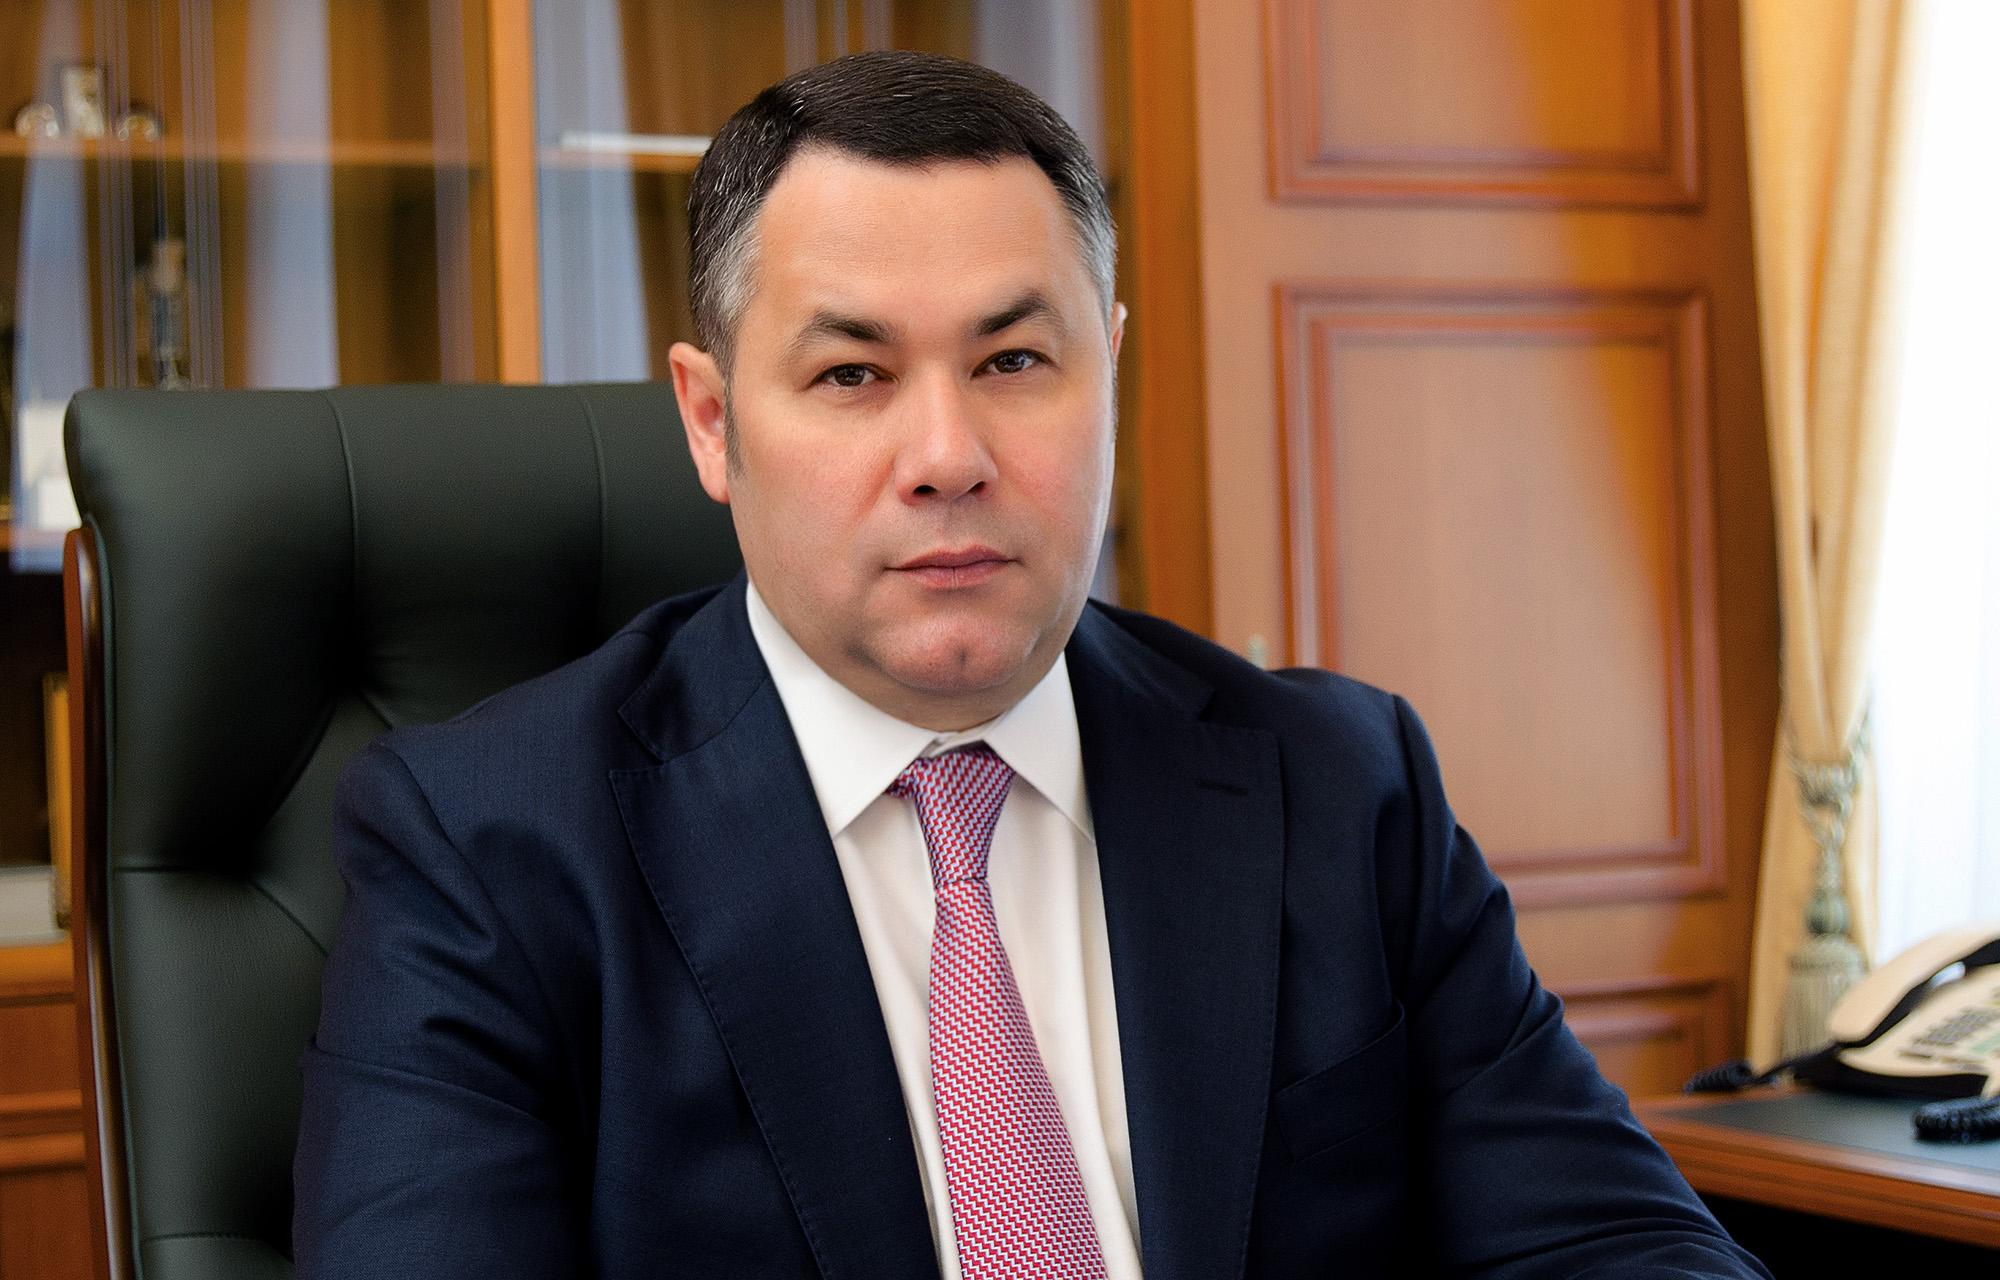 Игорь Руденя в прямом эфире расскажет о ситуации с коронавирусом в Тверской области